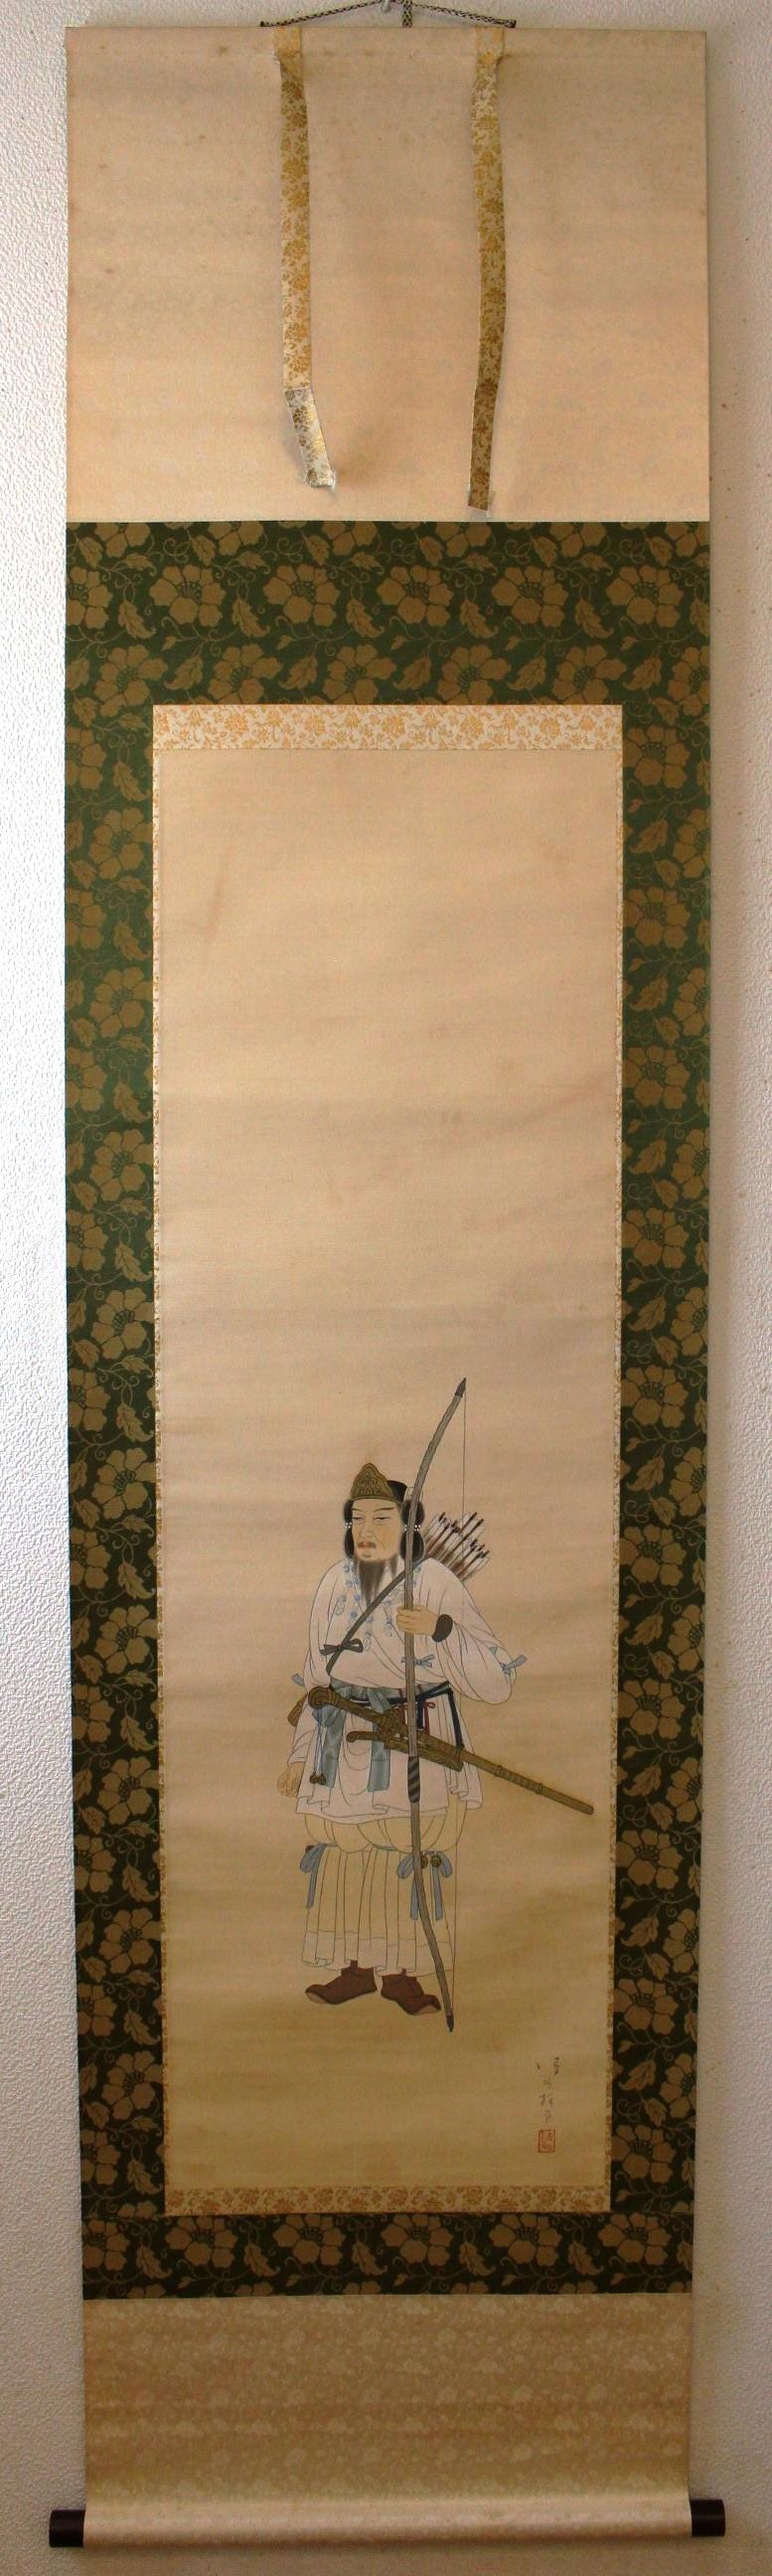 """L'art populaire """"Ôtsu-e"""" dans la représentation de l'emp. Taisho sur kakemono Jimmu_10"""